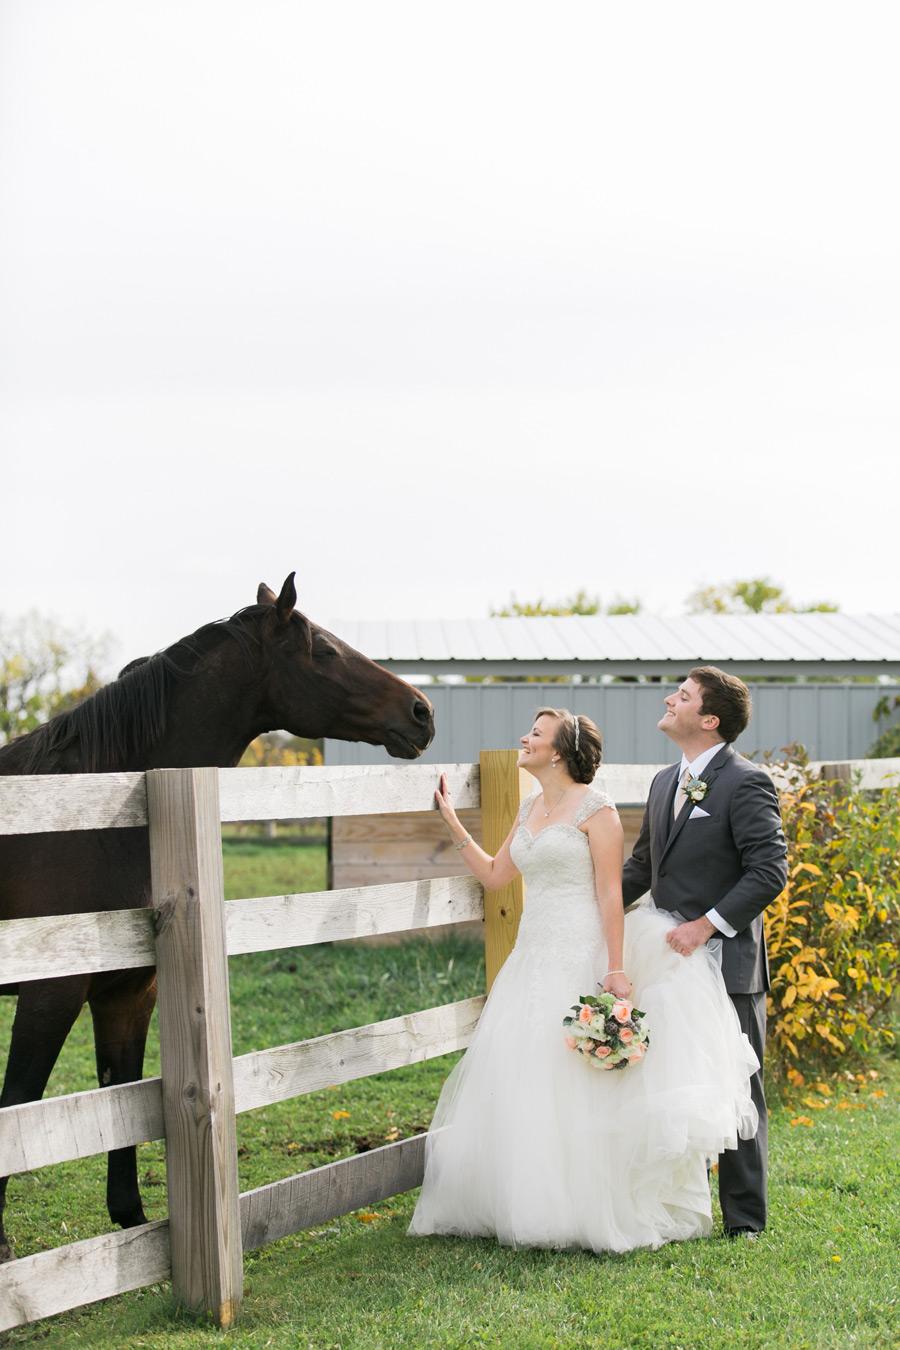 byron-colby-barn-wedding-019